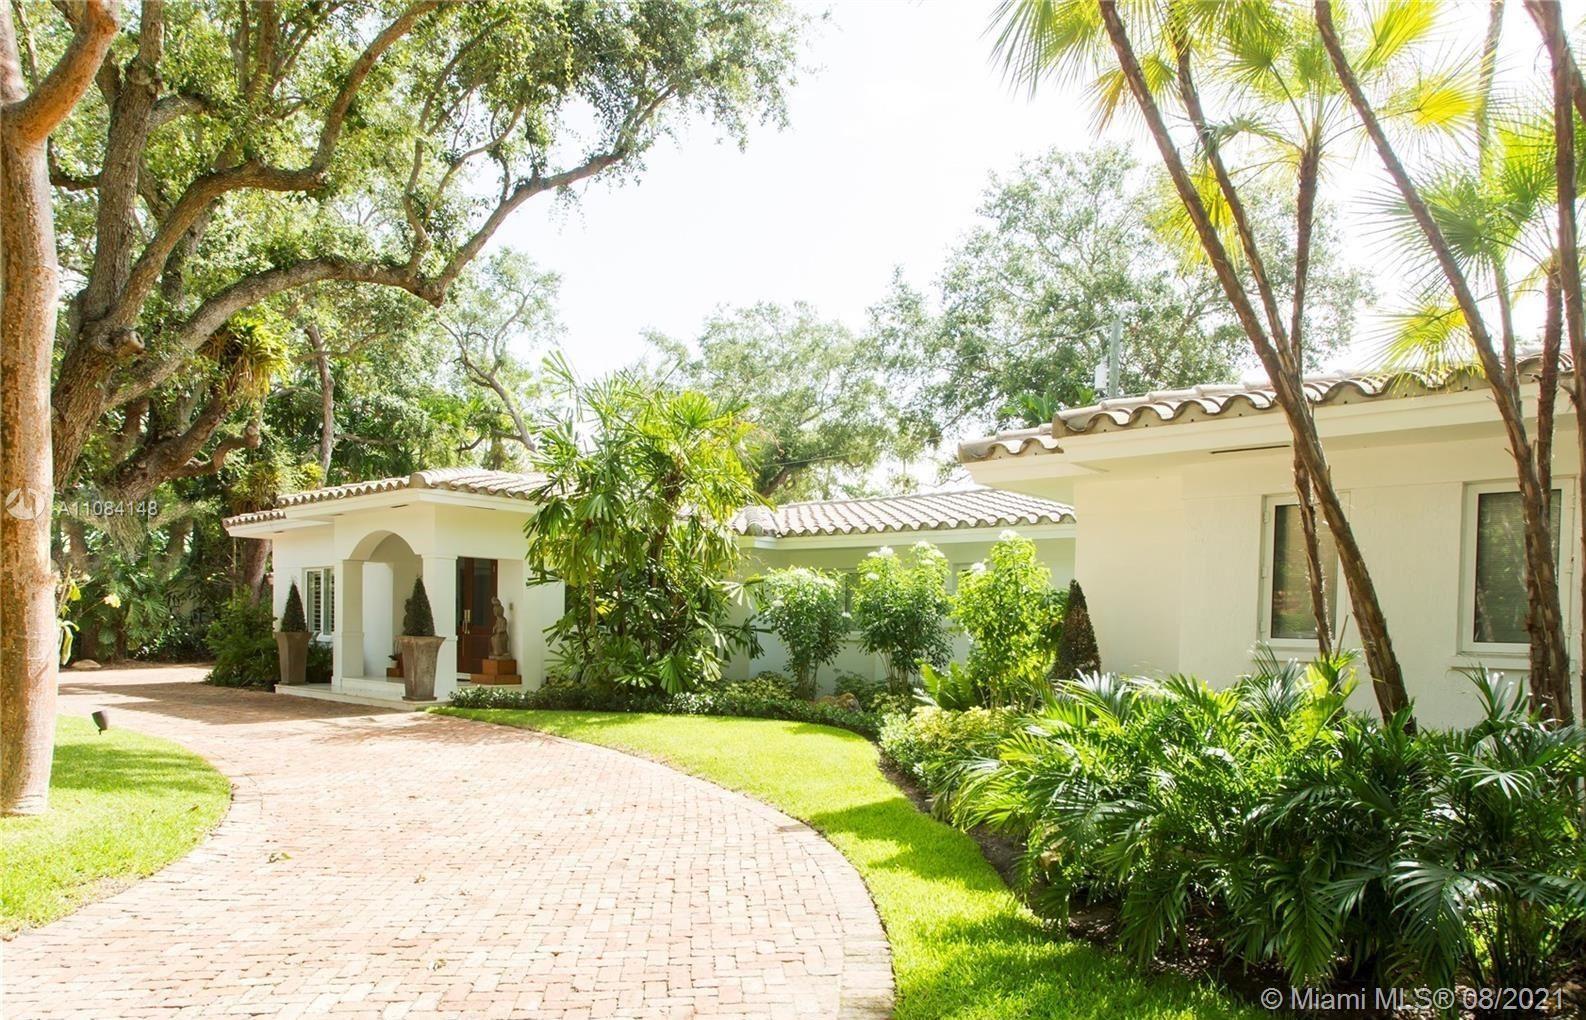 6925 Tordera St, Coral Gables, FL 33146 - #: A11084148